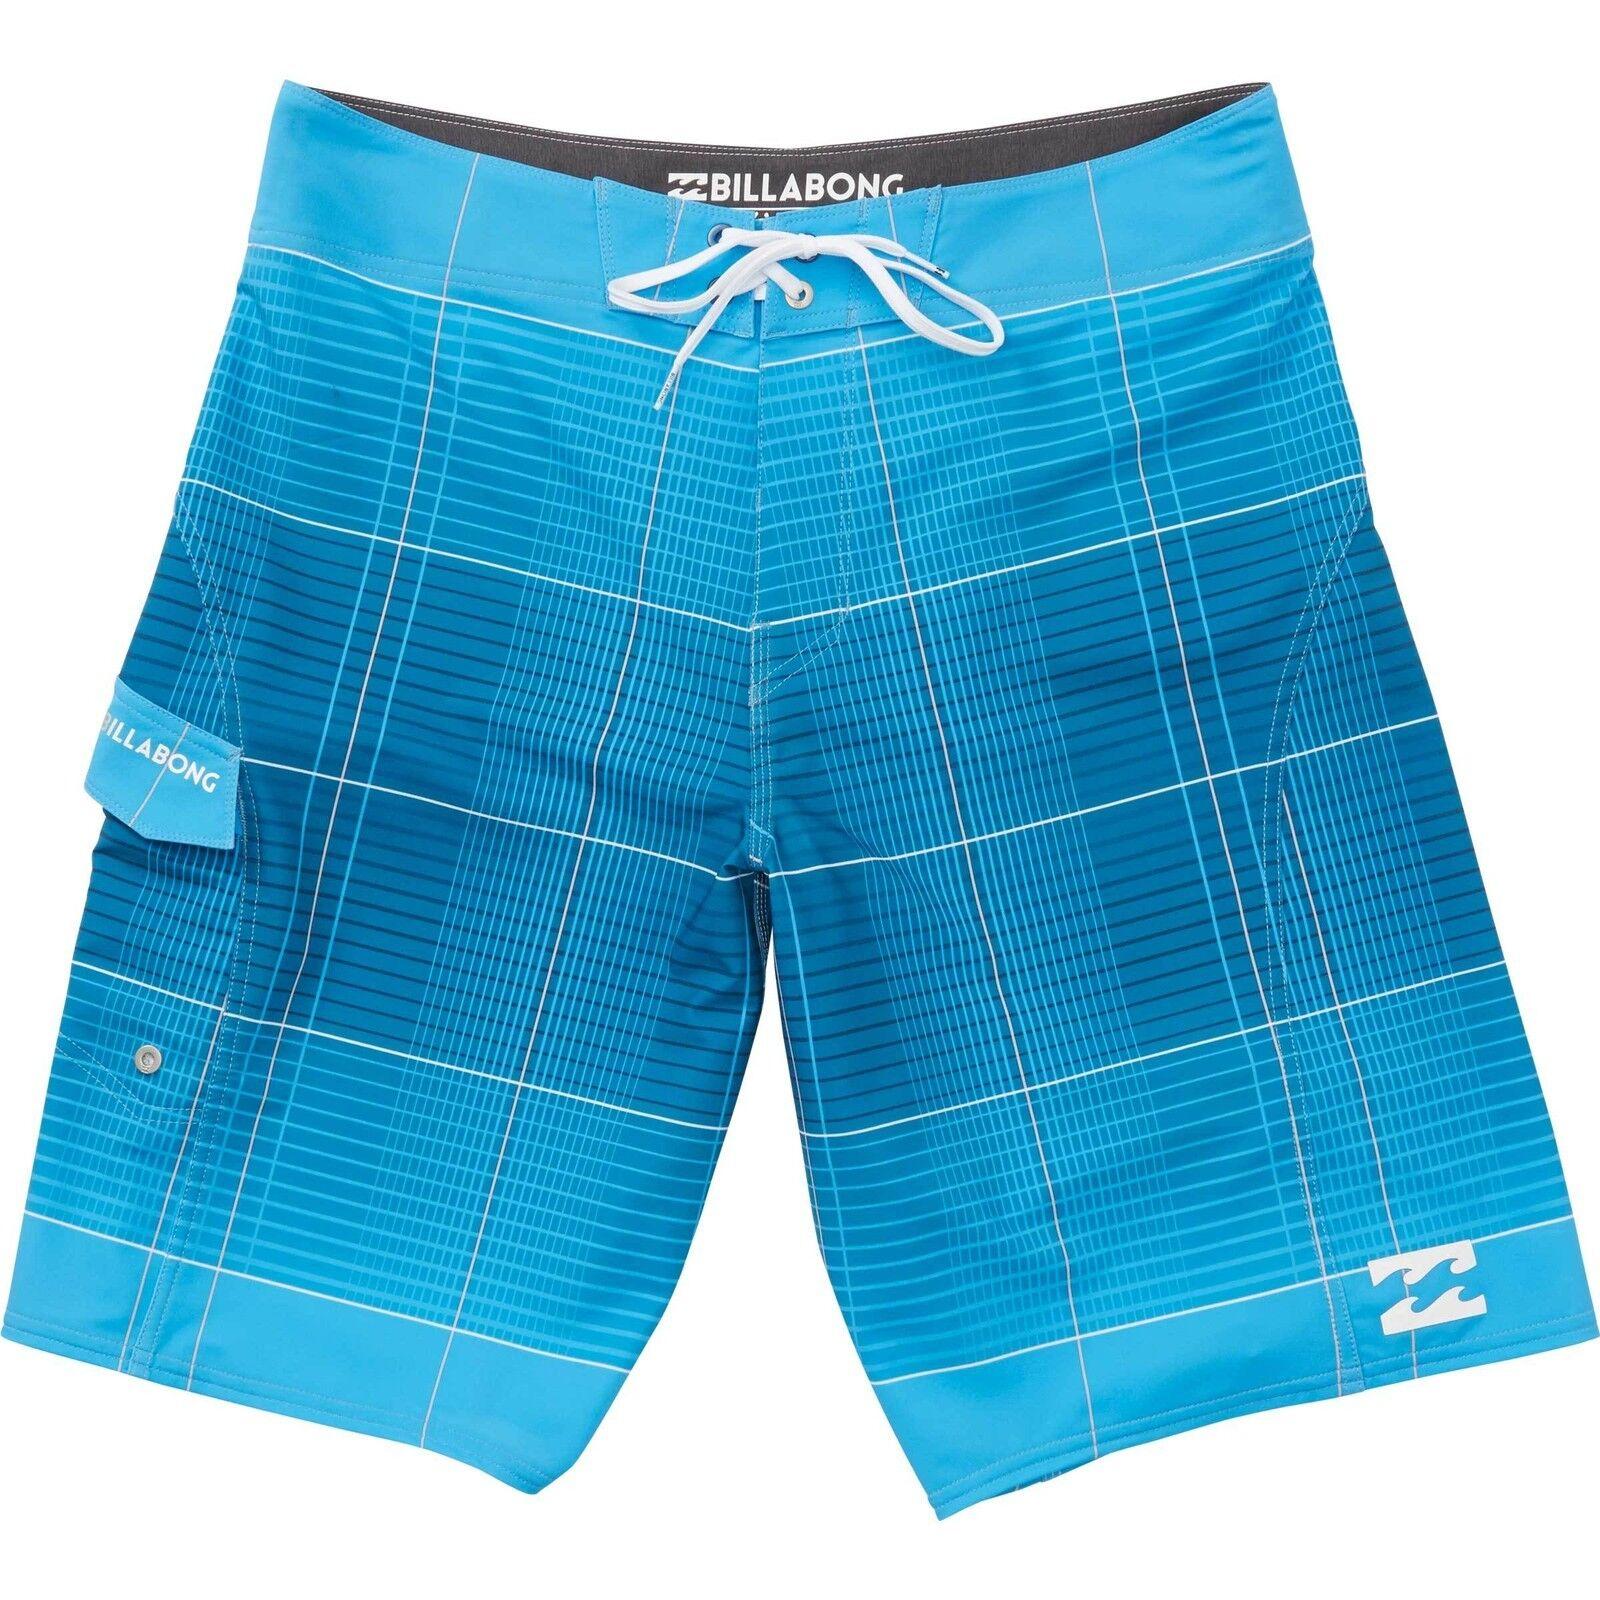 3f5157ea21bbb Billabong Men All Day X Plaid bluee Platinum X Boardshorts Swimwear Sz 32  21 nwlqjp1436-Swimwear